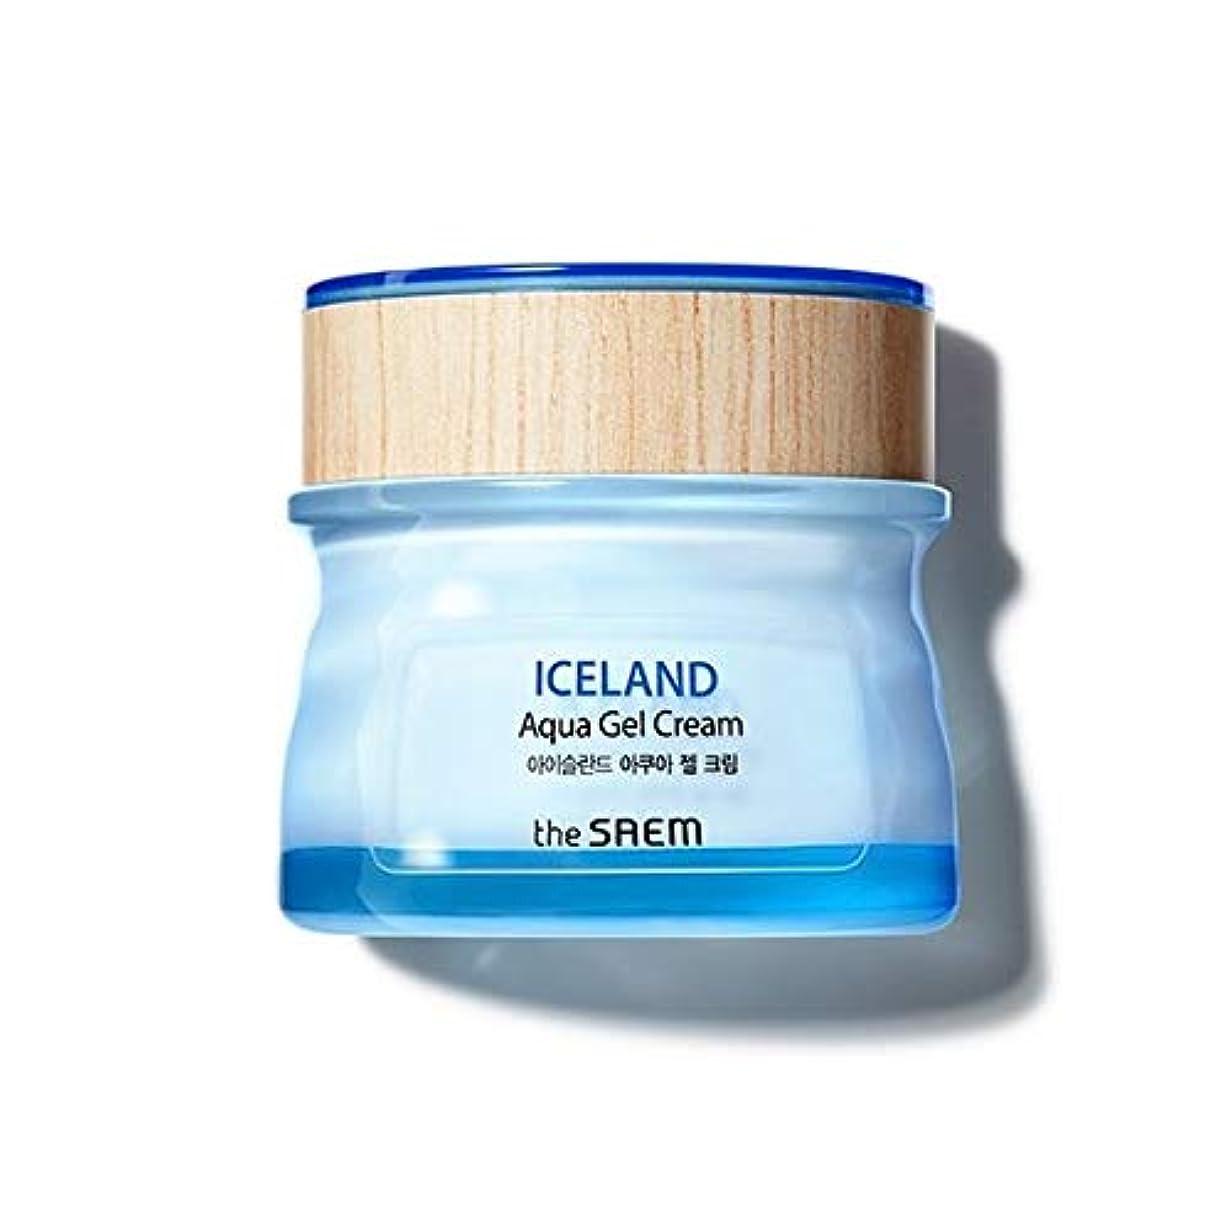 粗い境界完璧なThe saem Iceland Aqua Gel Cream ザセム アイスランド アクア ジェル クリーム 60ml [並行輸入品]